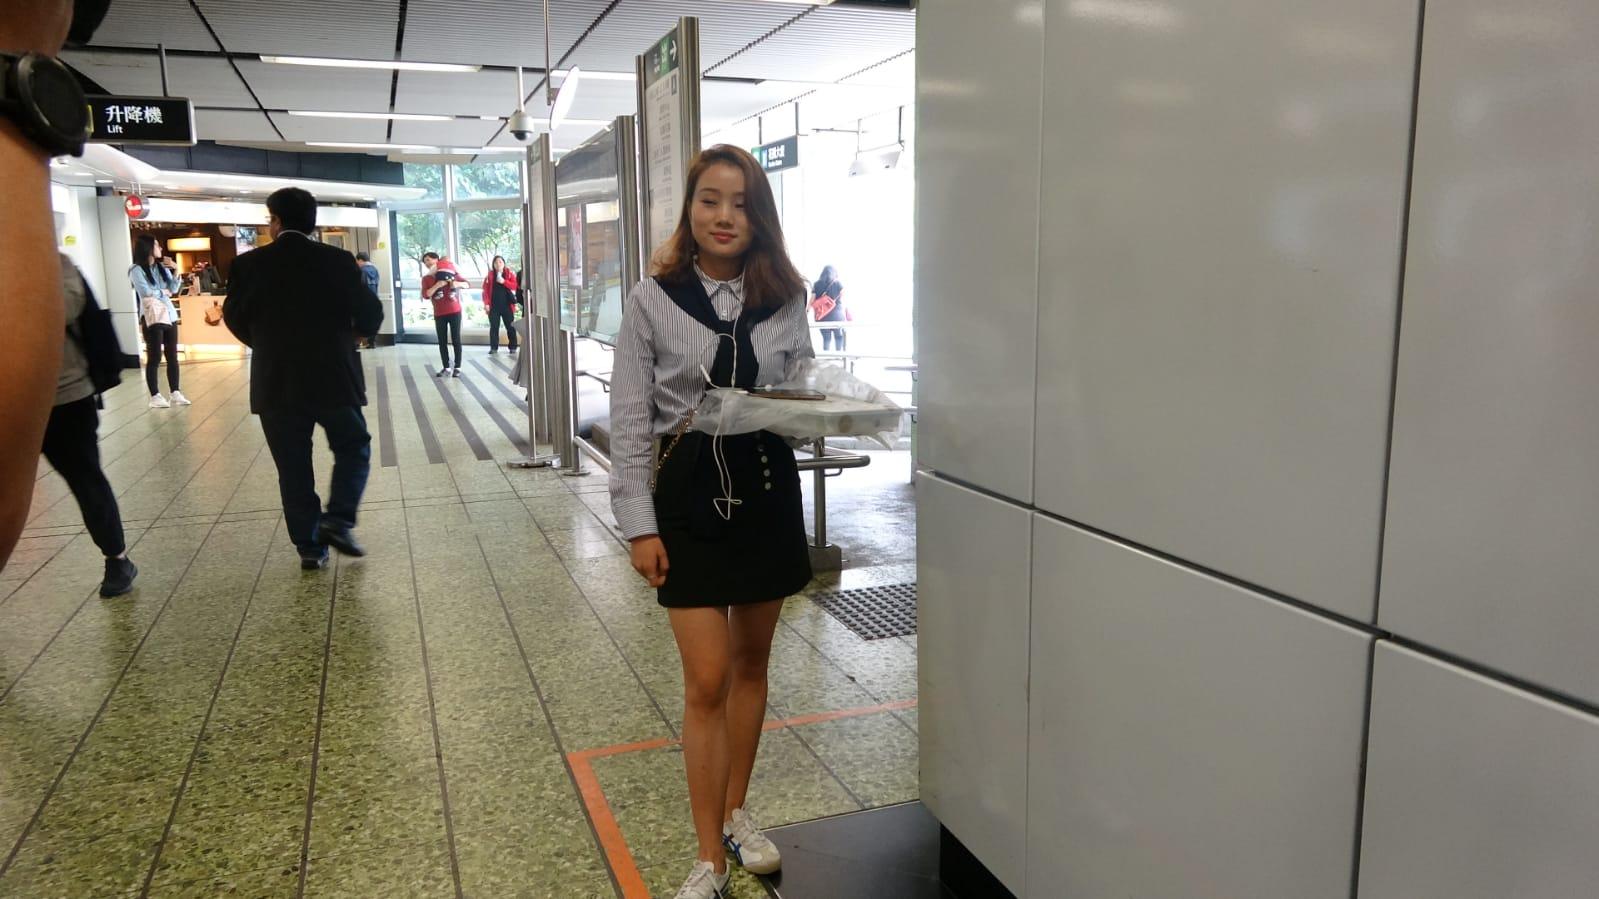 乘客王小姐